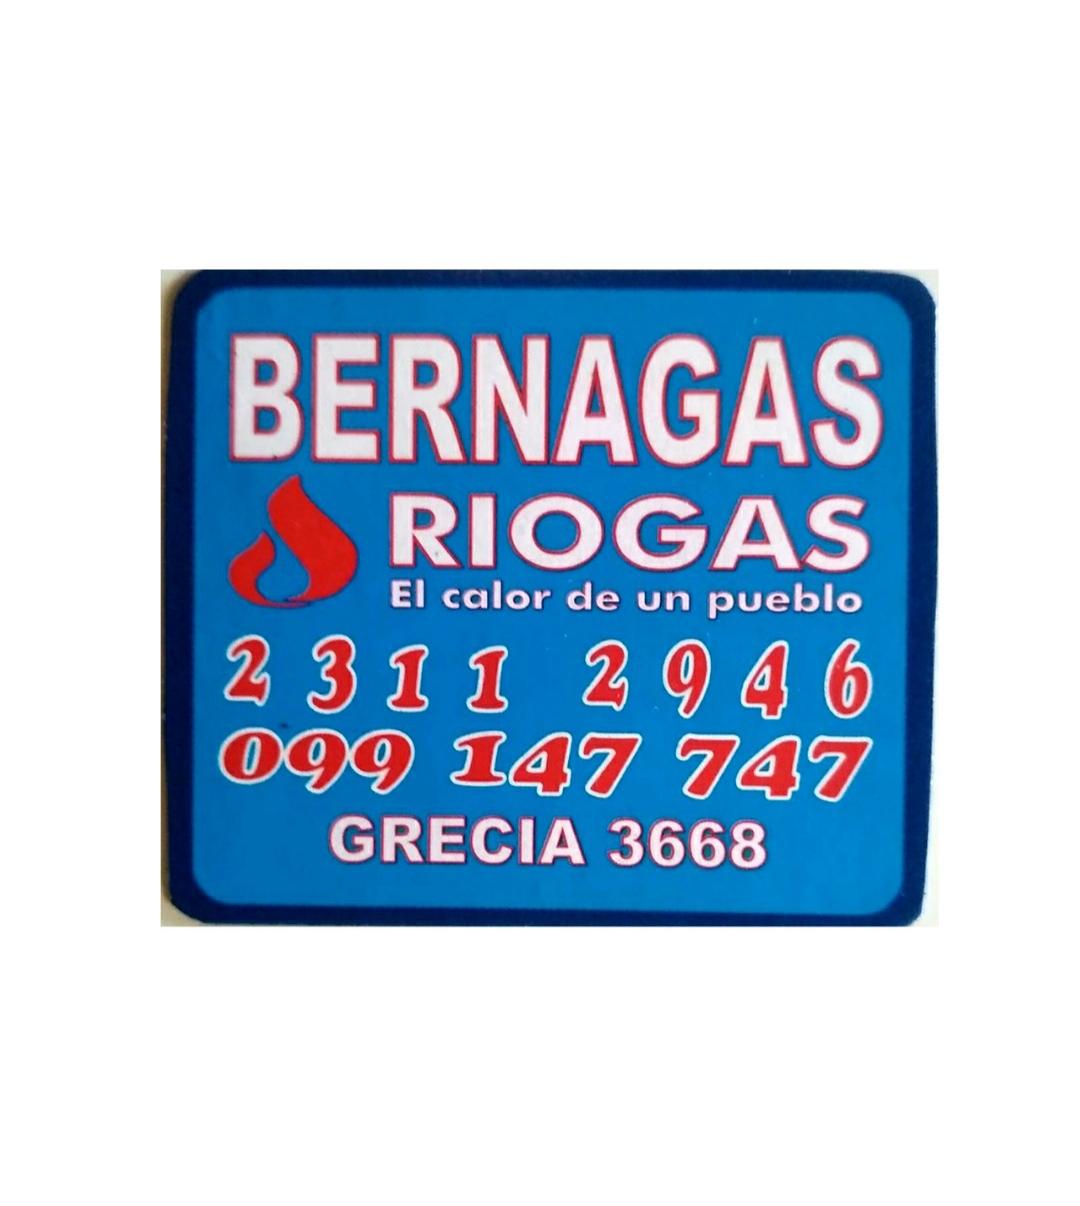 BERNAGAS RIOGAS